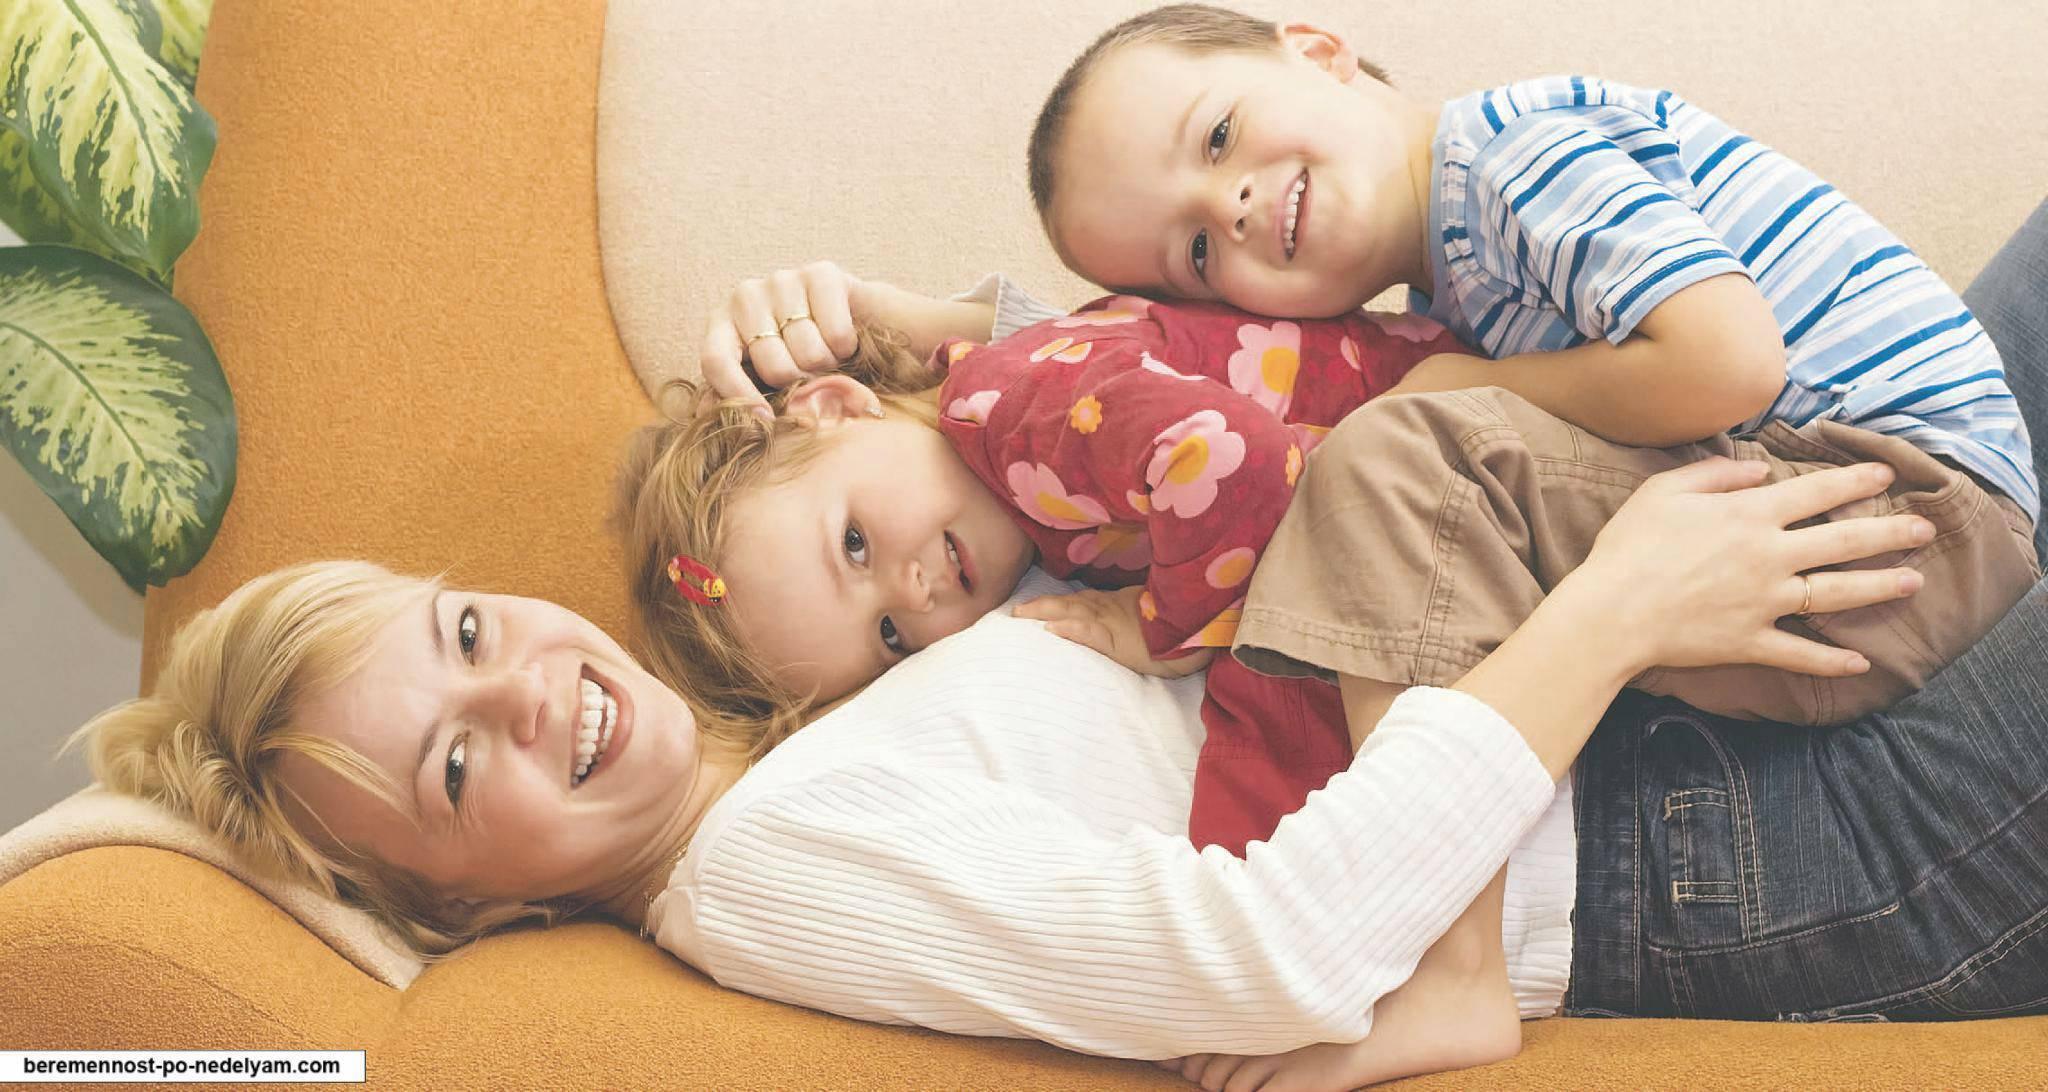 Воспитание детей-погодок: возможные трудности и явные преимущества - мапапама.ру — сайт для будущих и молодых родителей: беременность и роды, уход и воспитание детей до 3-х лет